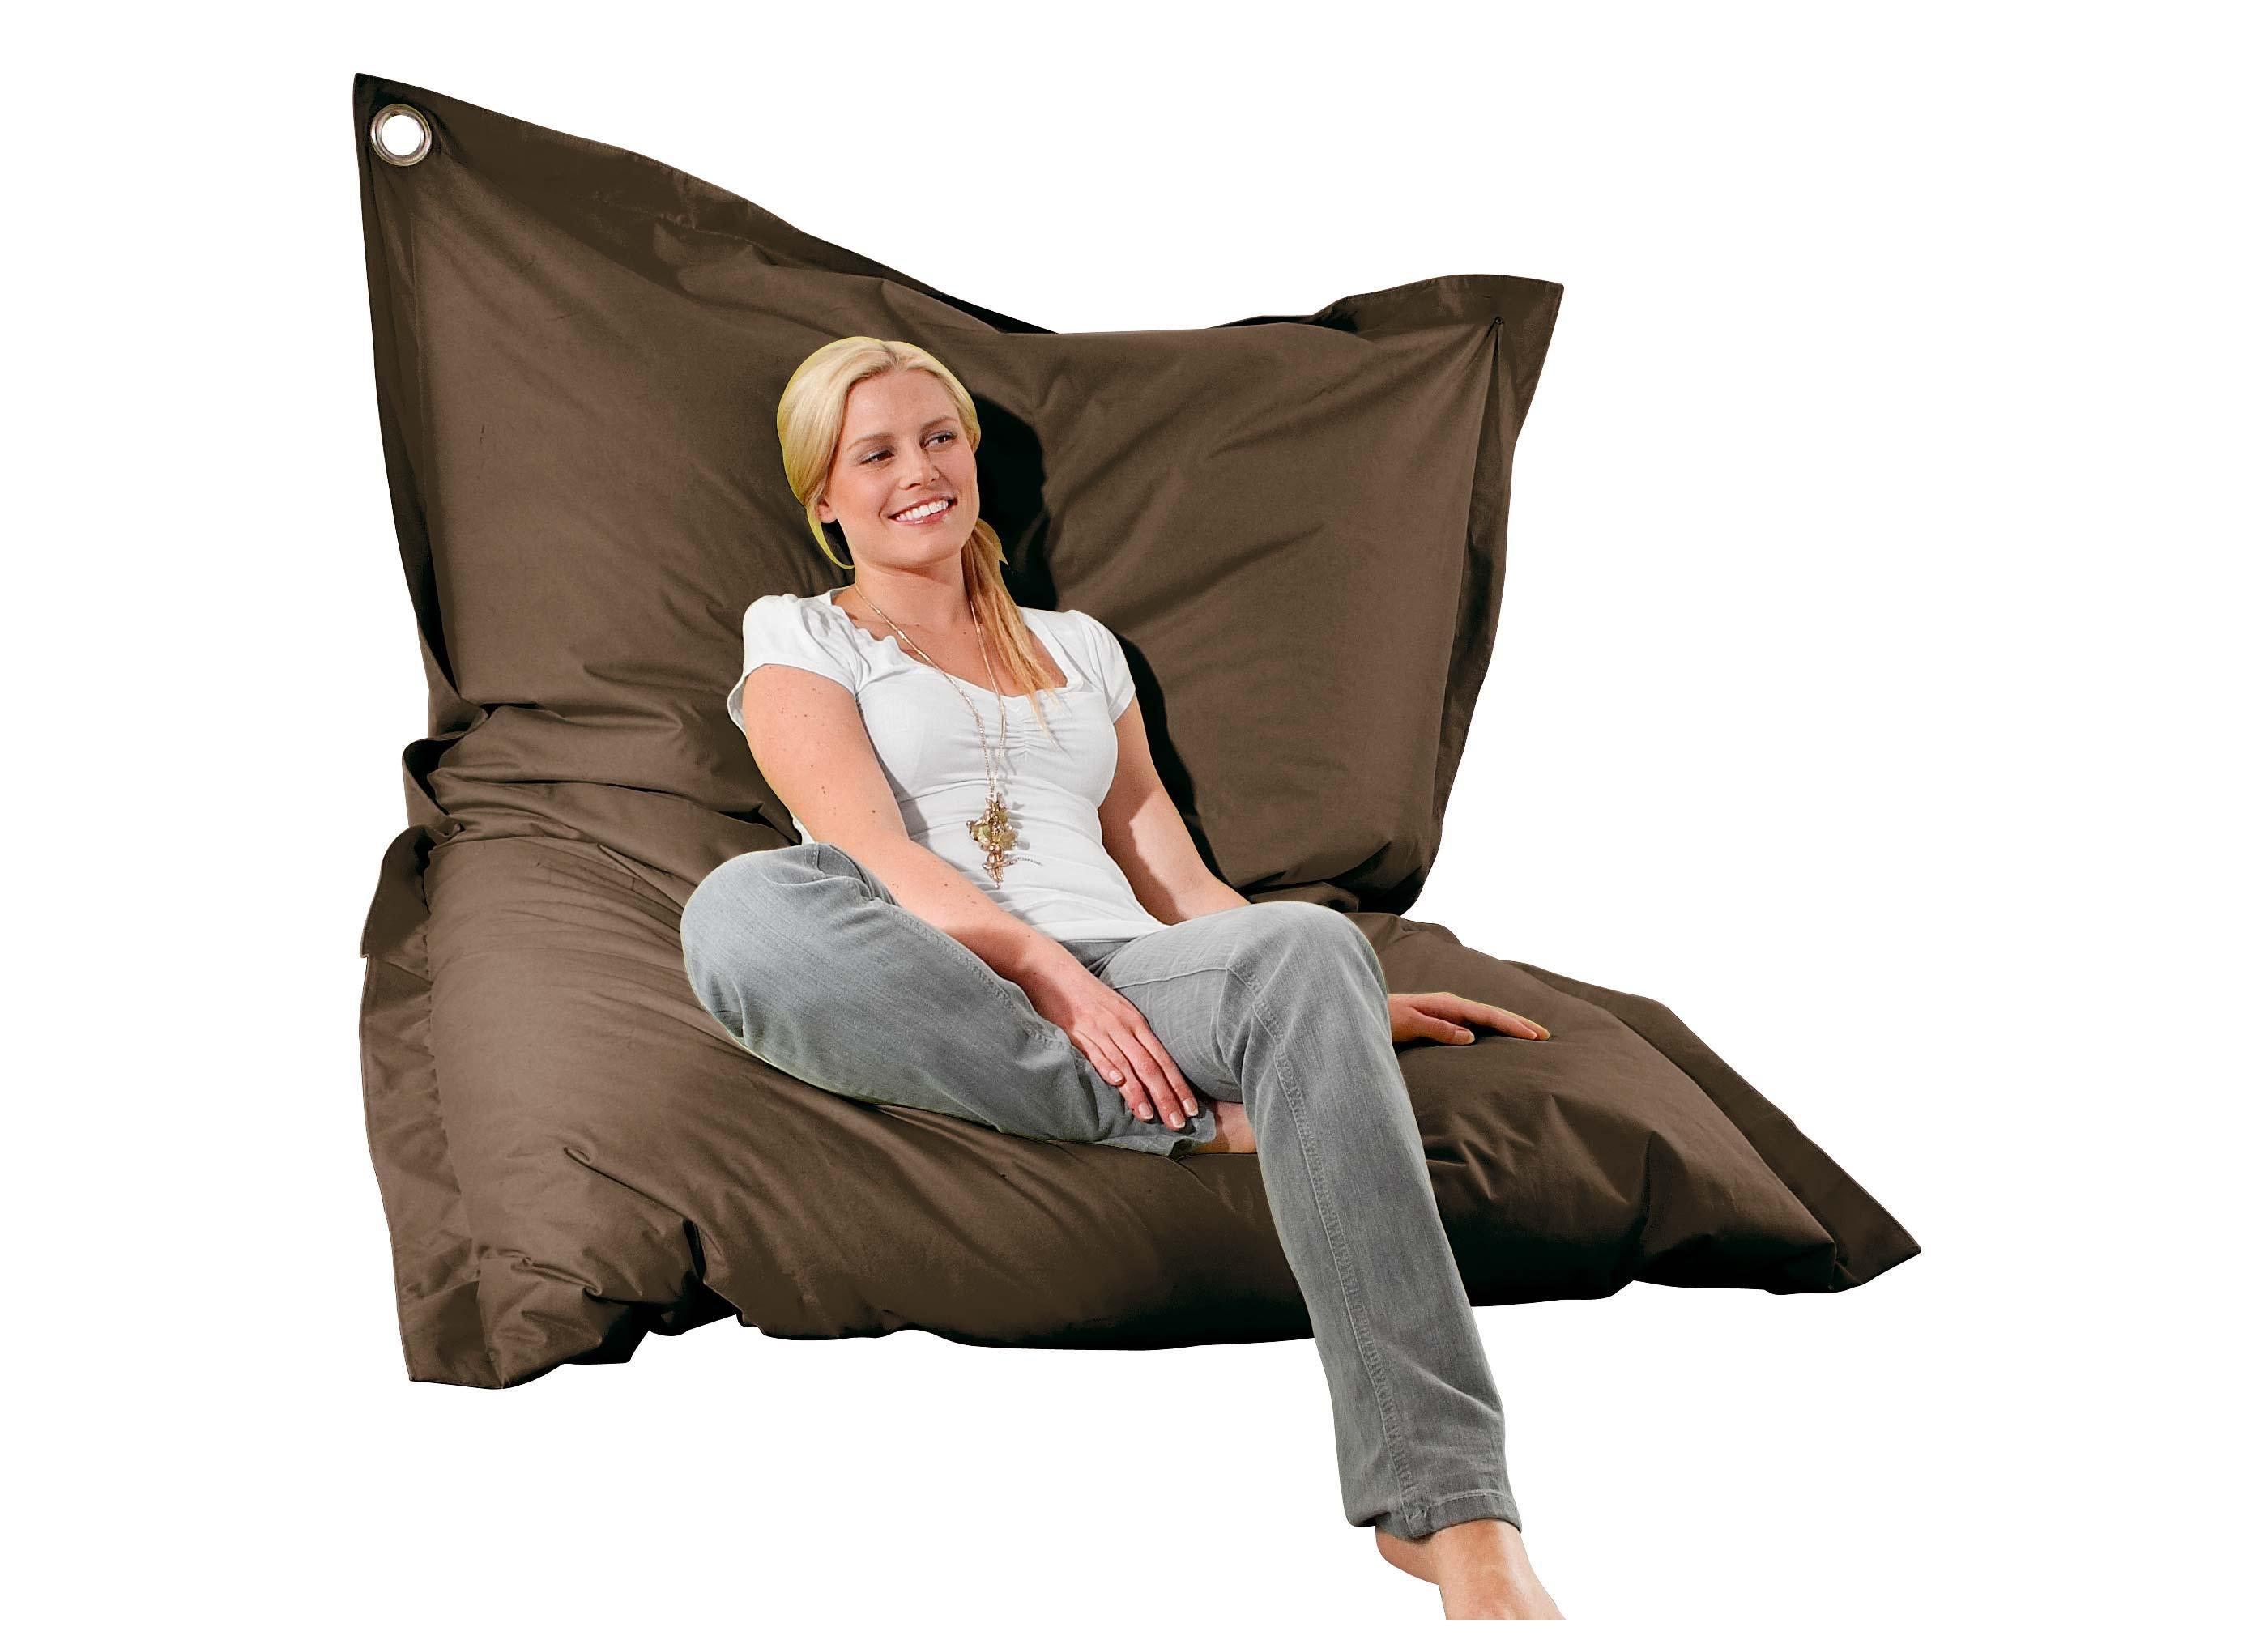 liamare riesen sitzkissen polsterm bel. Black Bedroom Furniture Sets. Home Design Ideas